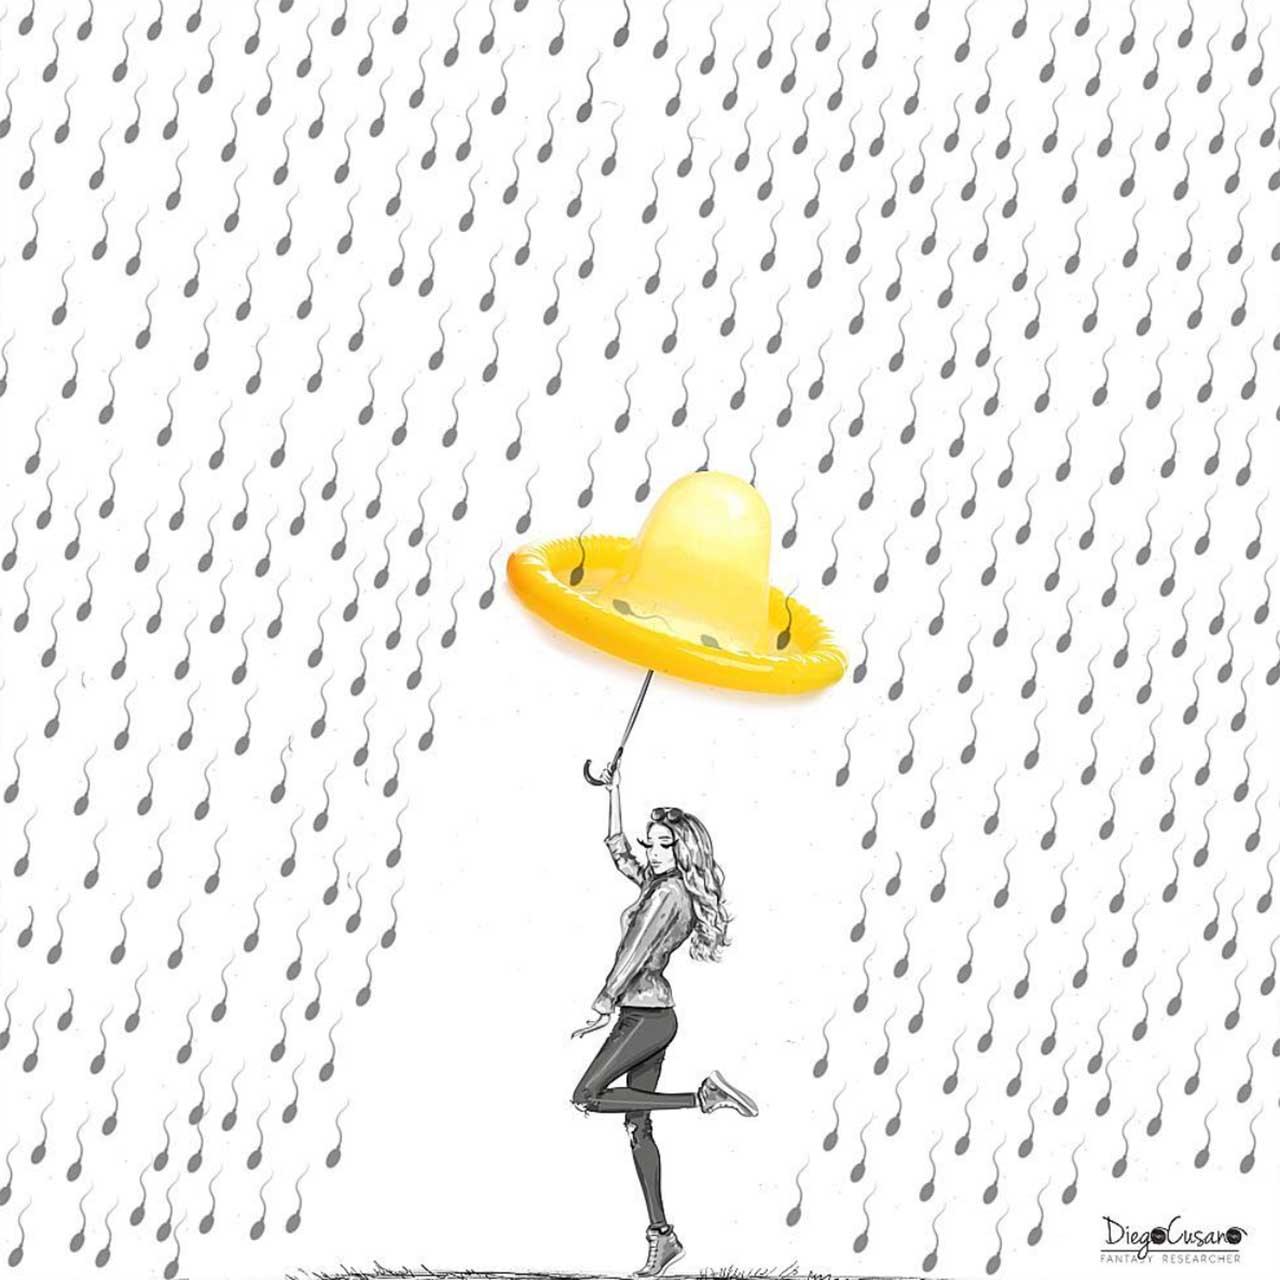 Diego Cusano vermischt Alltagsgegenstände mit Zeichnungen Diego-Cusano-alltagsdinge-treffen-zeichnungen_12